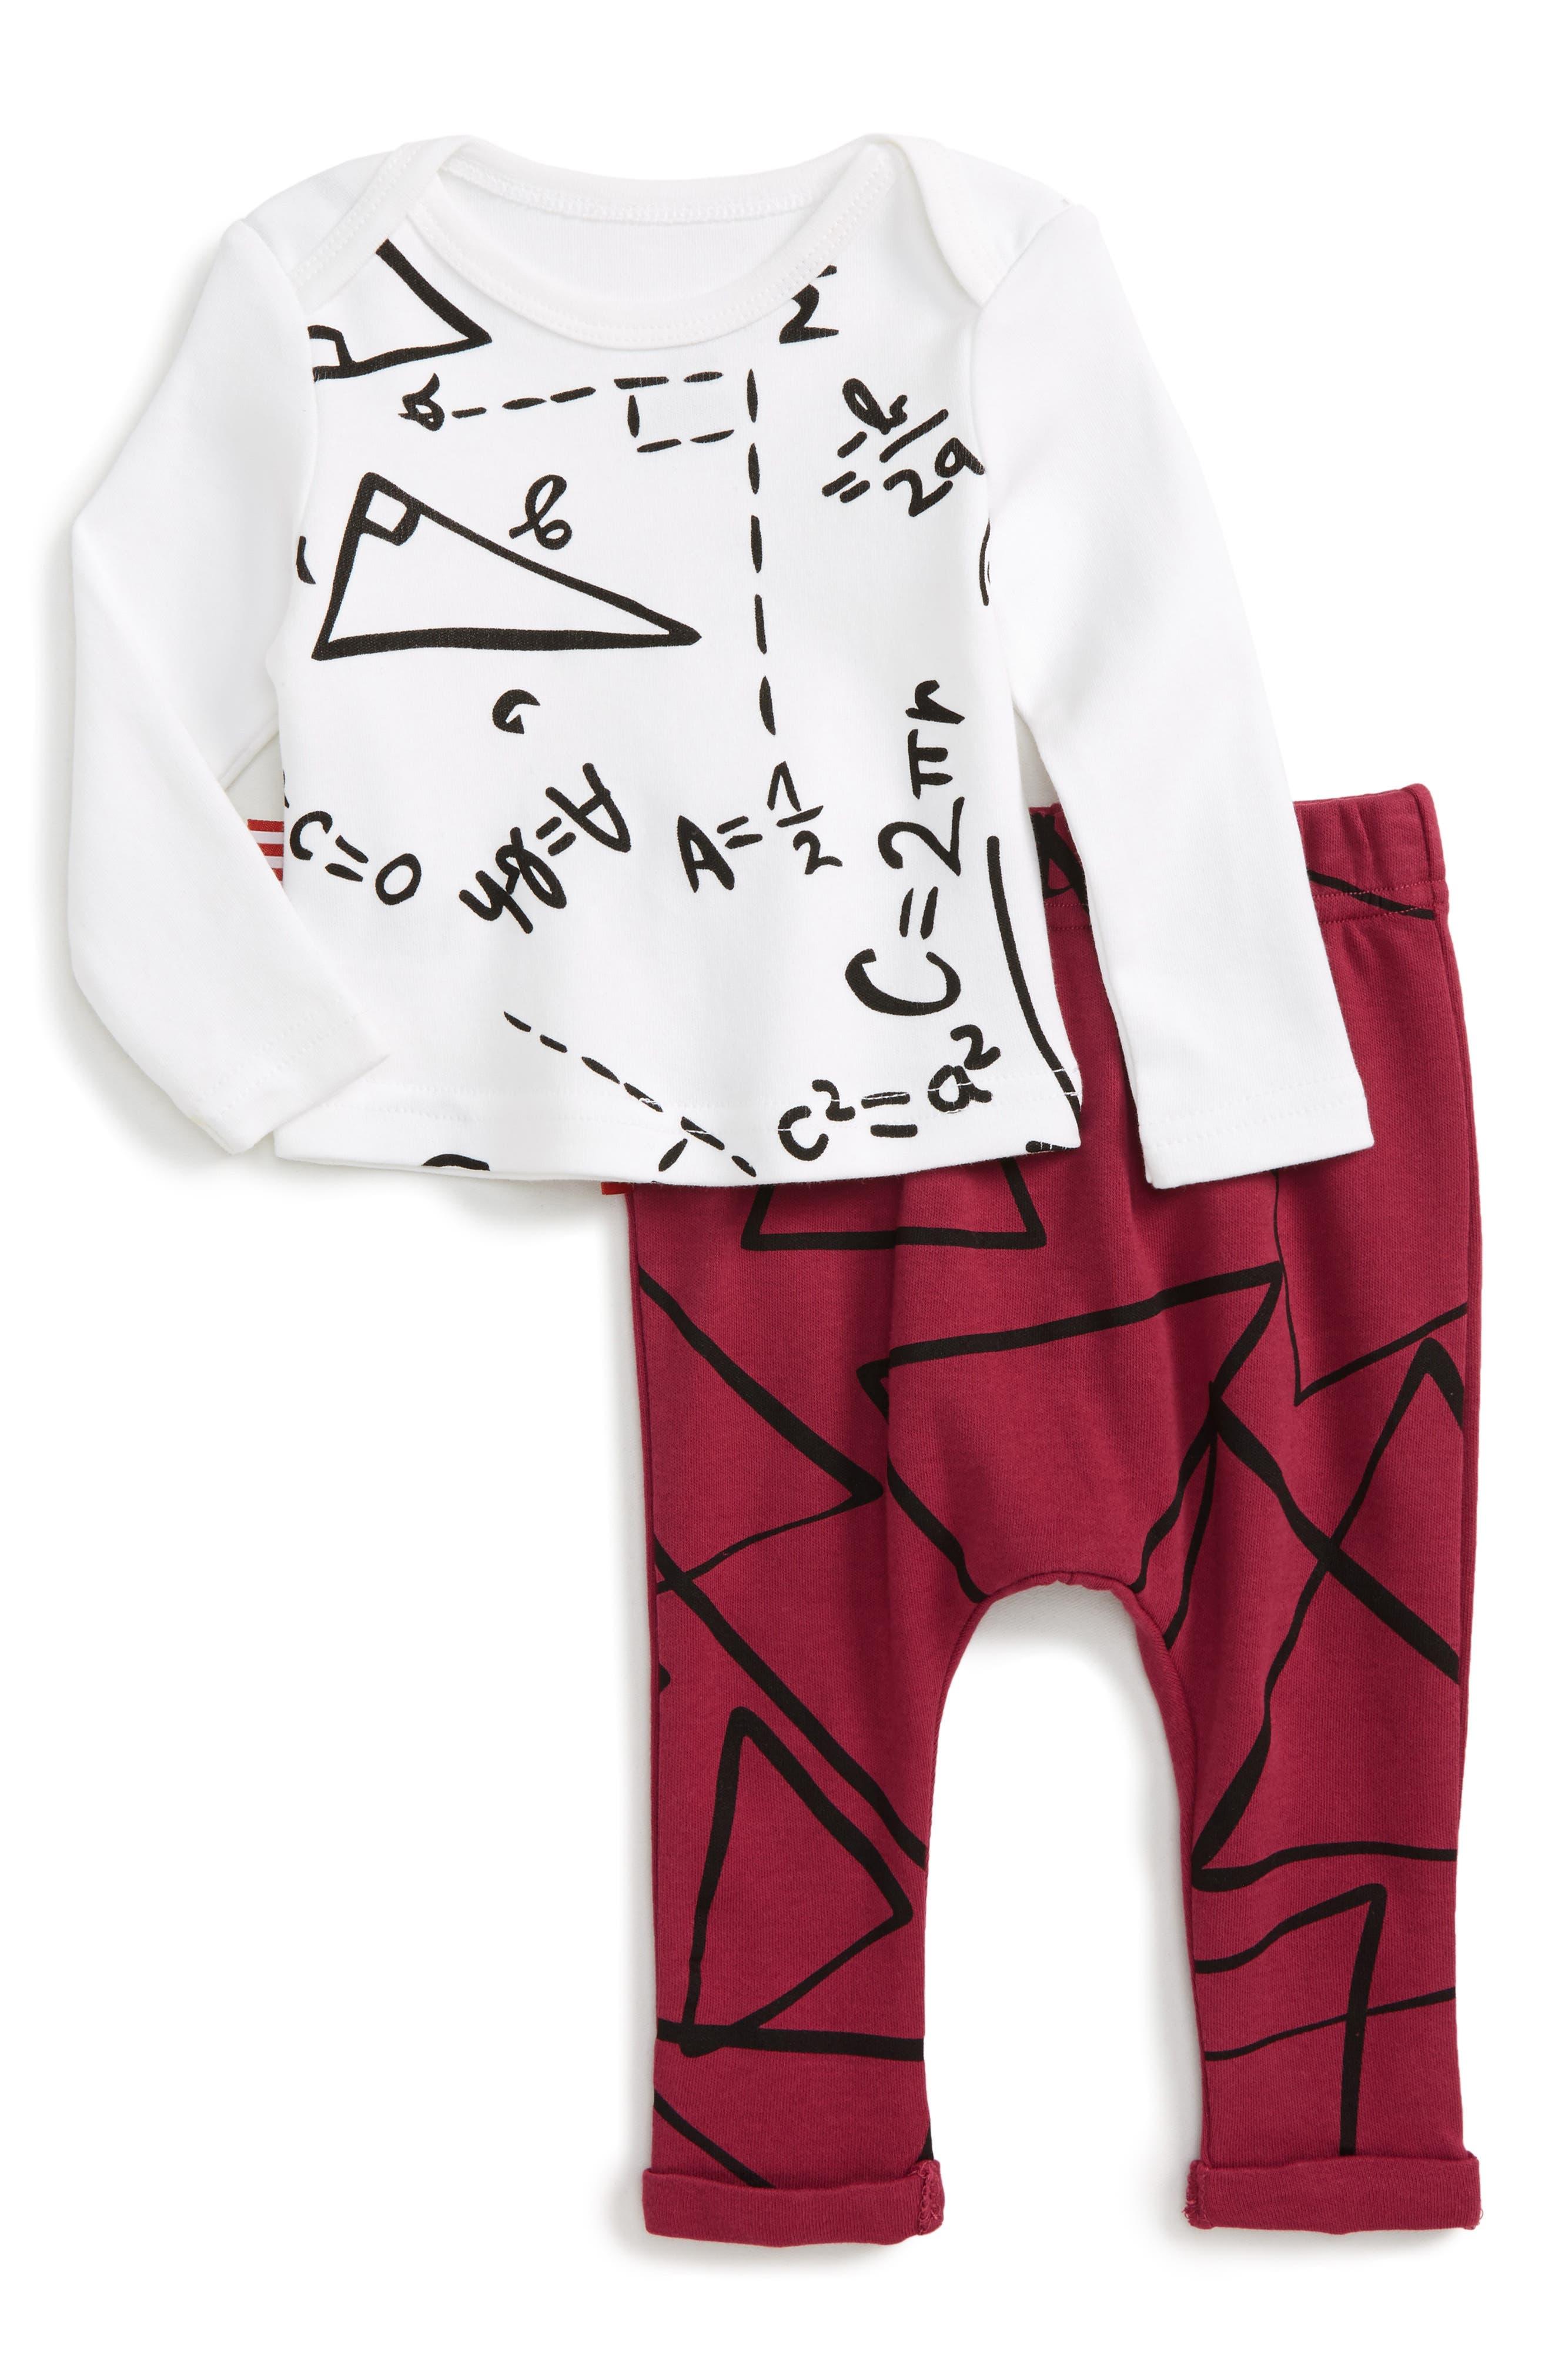 Main Image - SOOKIbaby Genius at Work Tee & Pants Set (Baby)